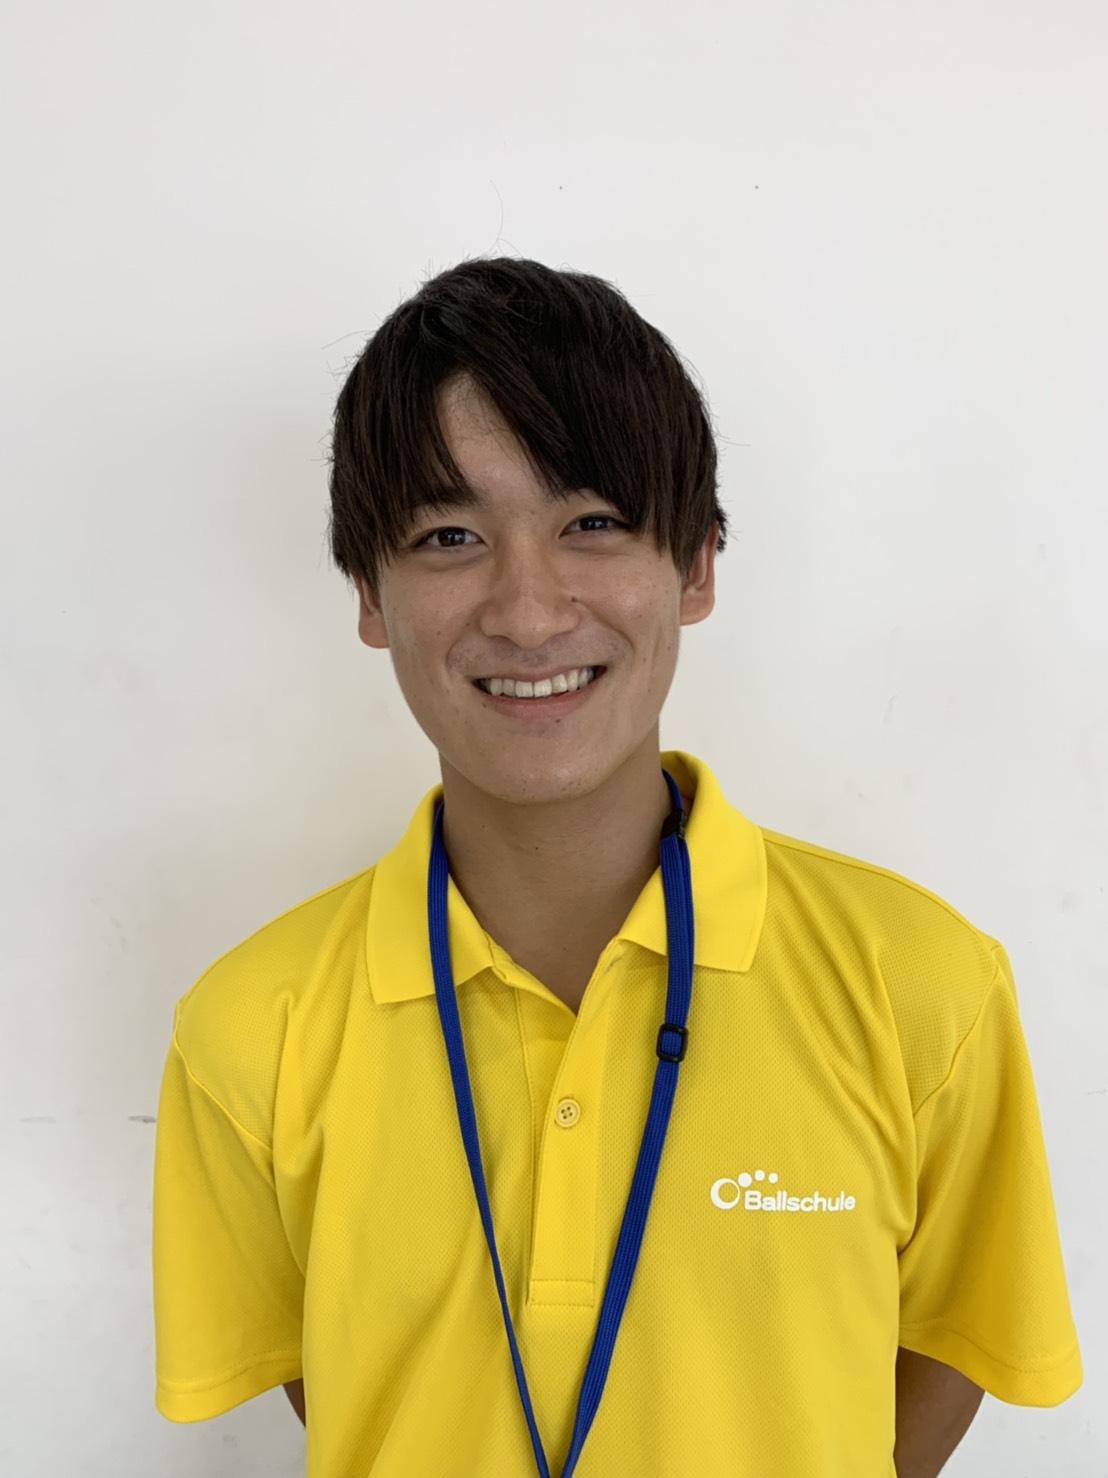 高橋 佑太(たかはし ゆうた)